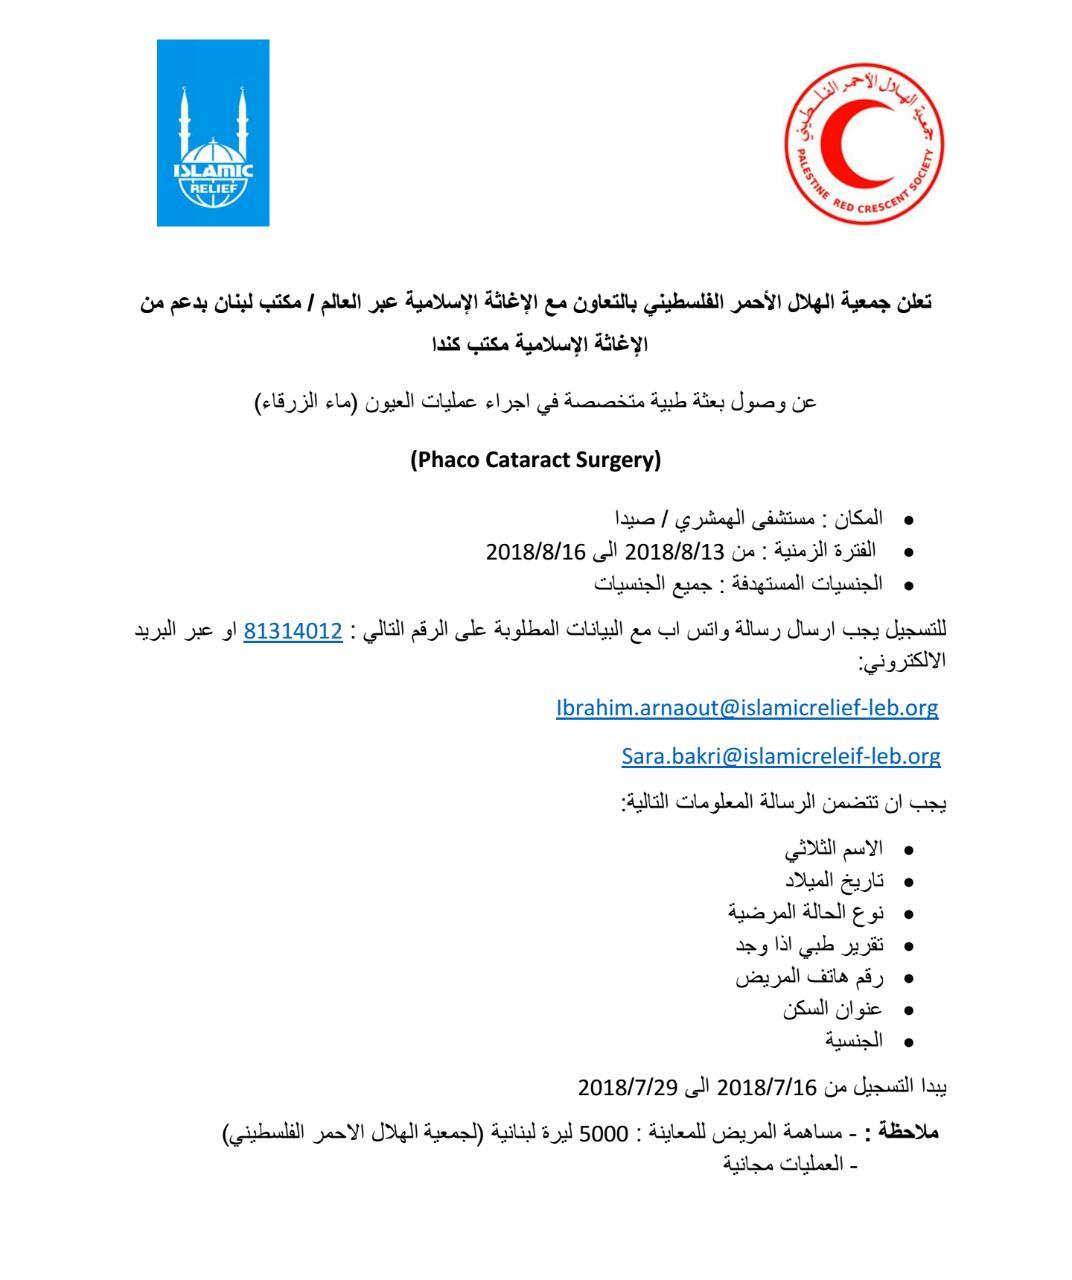 جمعية الهلال الاحمر الفلسطيني بالتعاون مع الاغاثة الاسلامية عبر العالم تعلن عن وصول بعثة طبية متخصصة في اجراء عمليات العيون